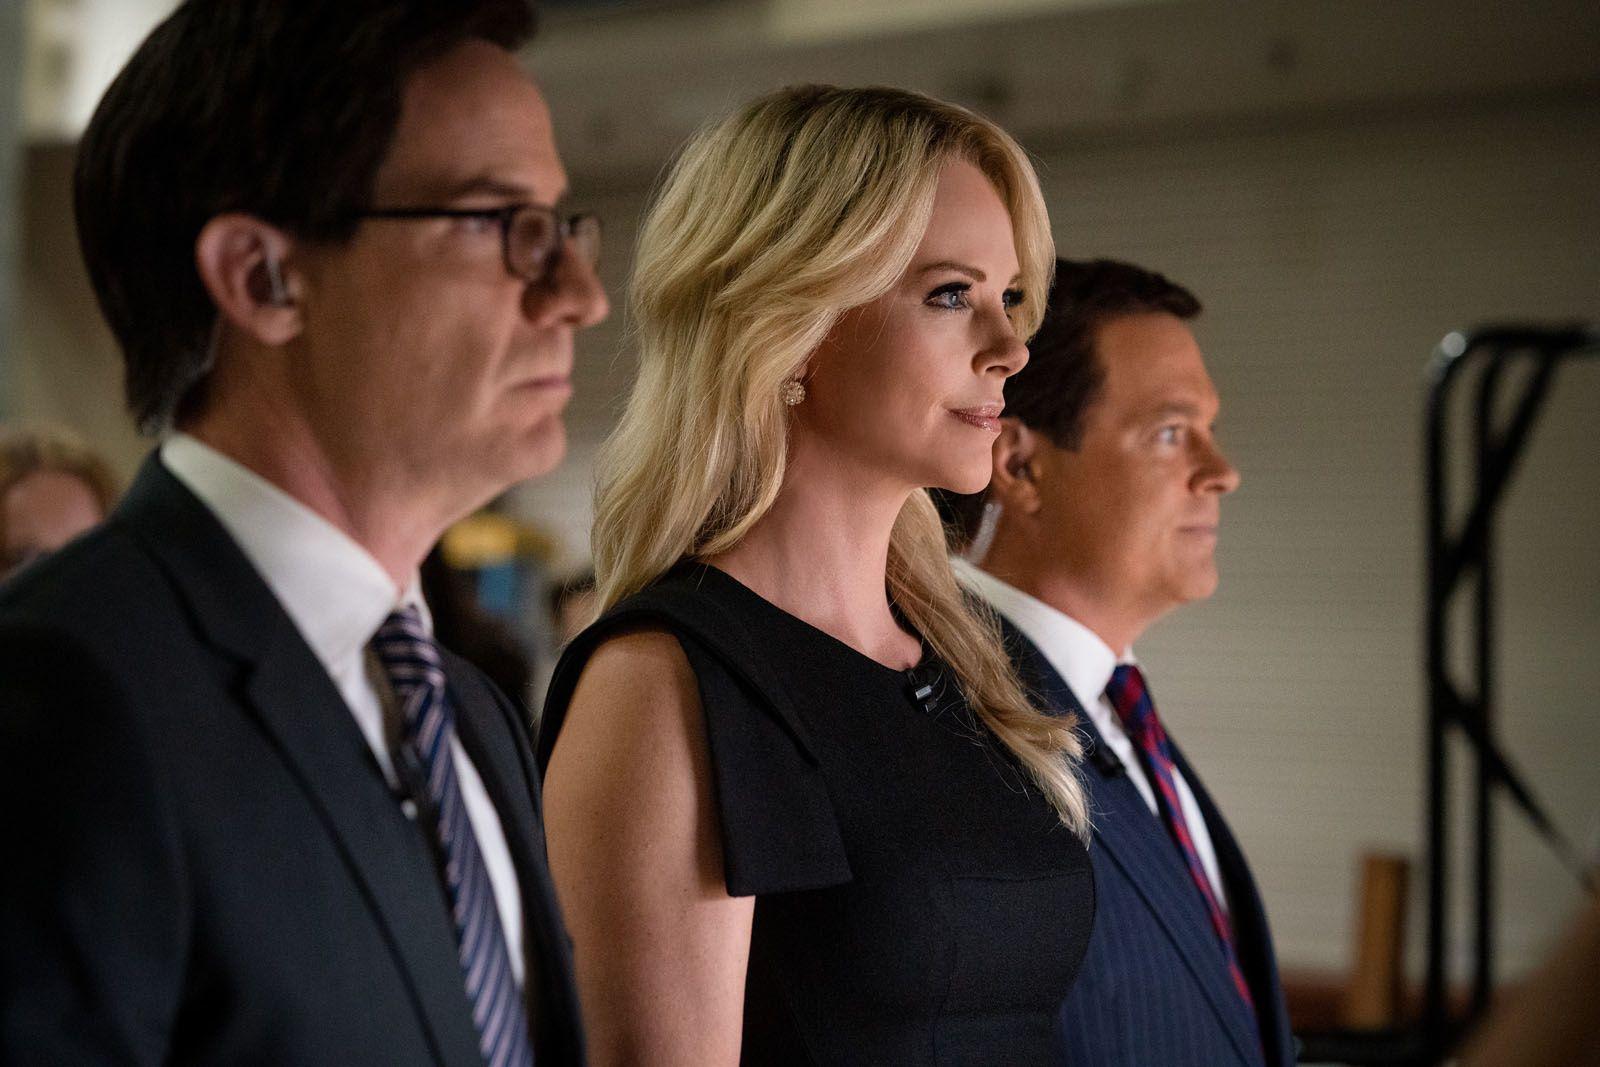 Scandale (BANDE-ANNONCE + 2 EXTRAITS) avec Nicole Kidman, Charlize Theron, Margot Robbie - Le 22 janvier 2020 au cinéma